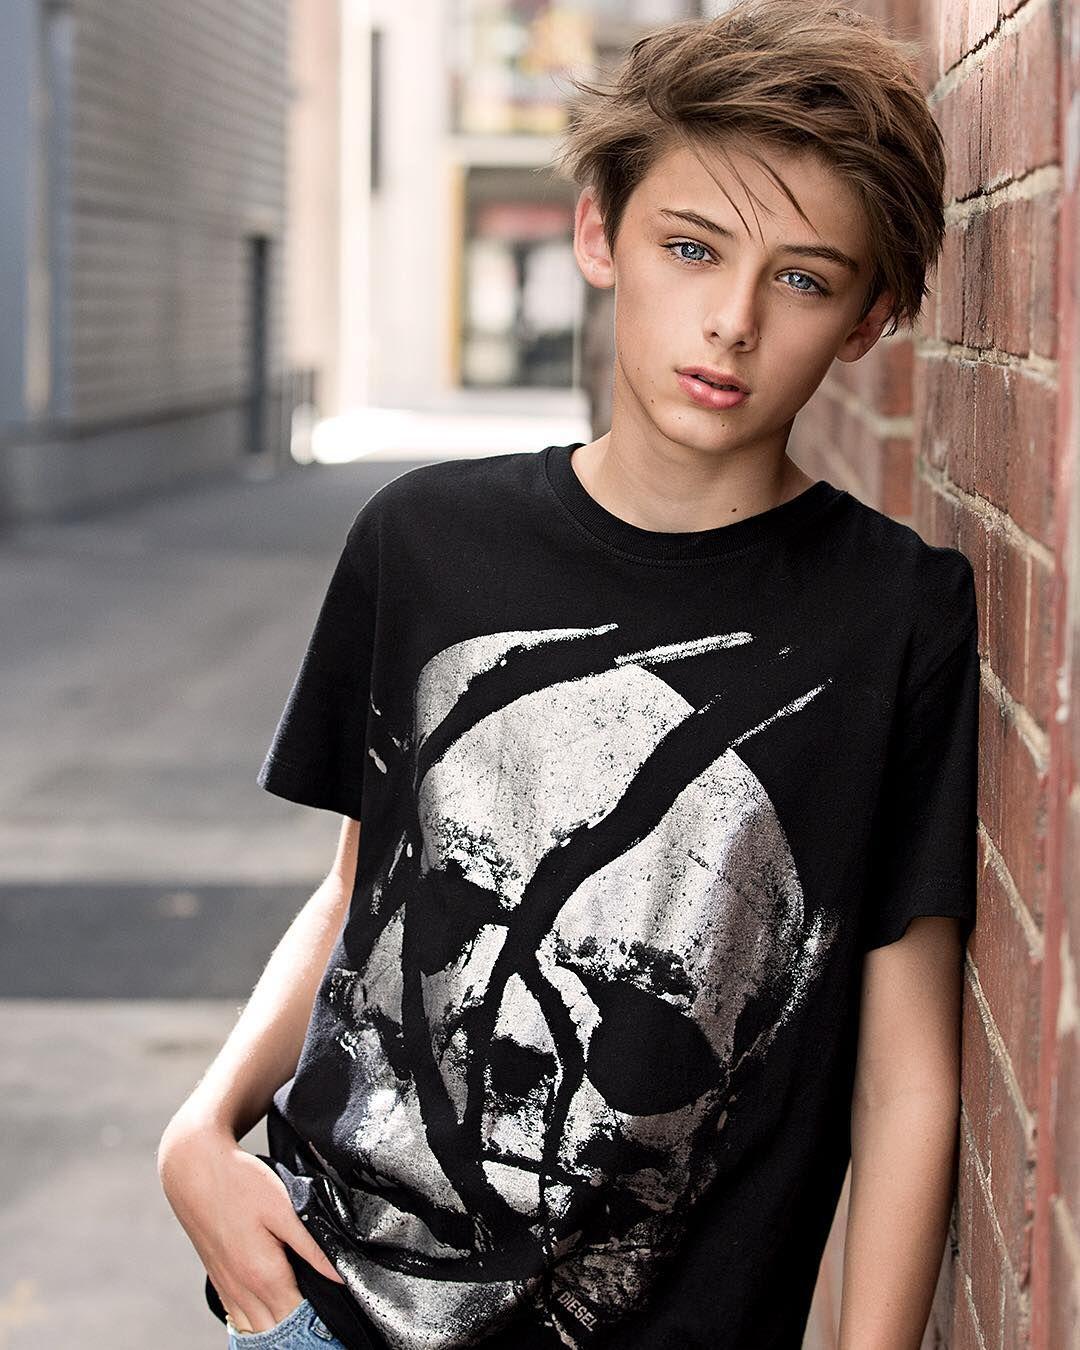 Boy boy teen teenage world — img 12